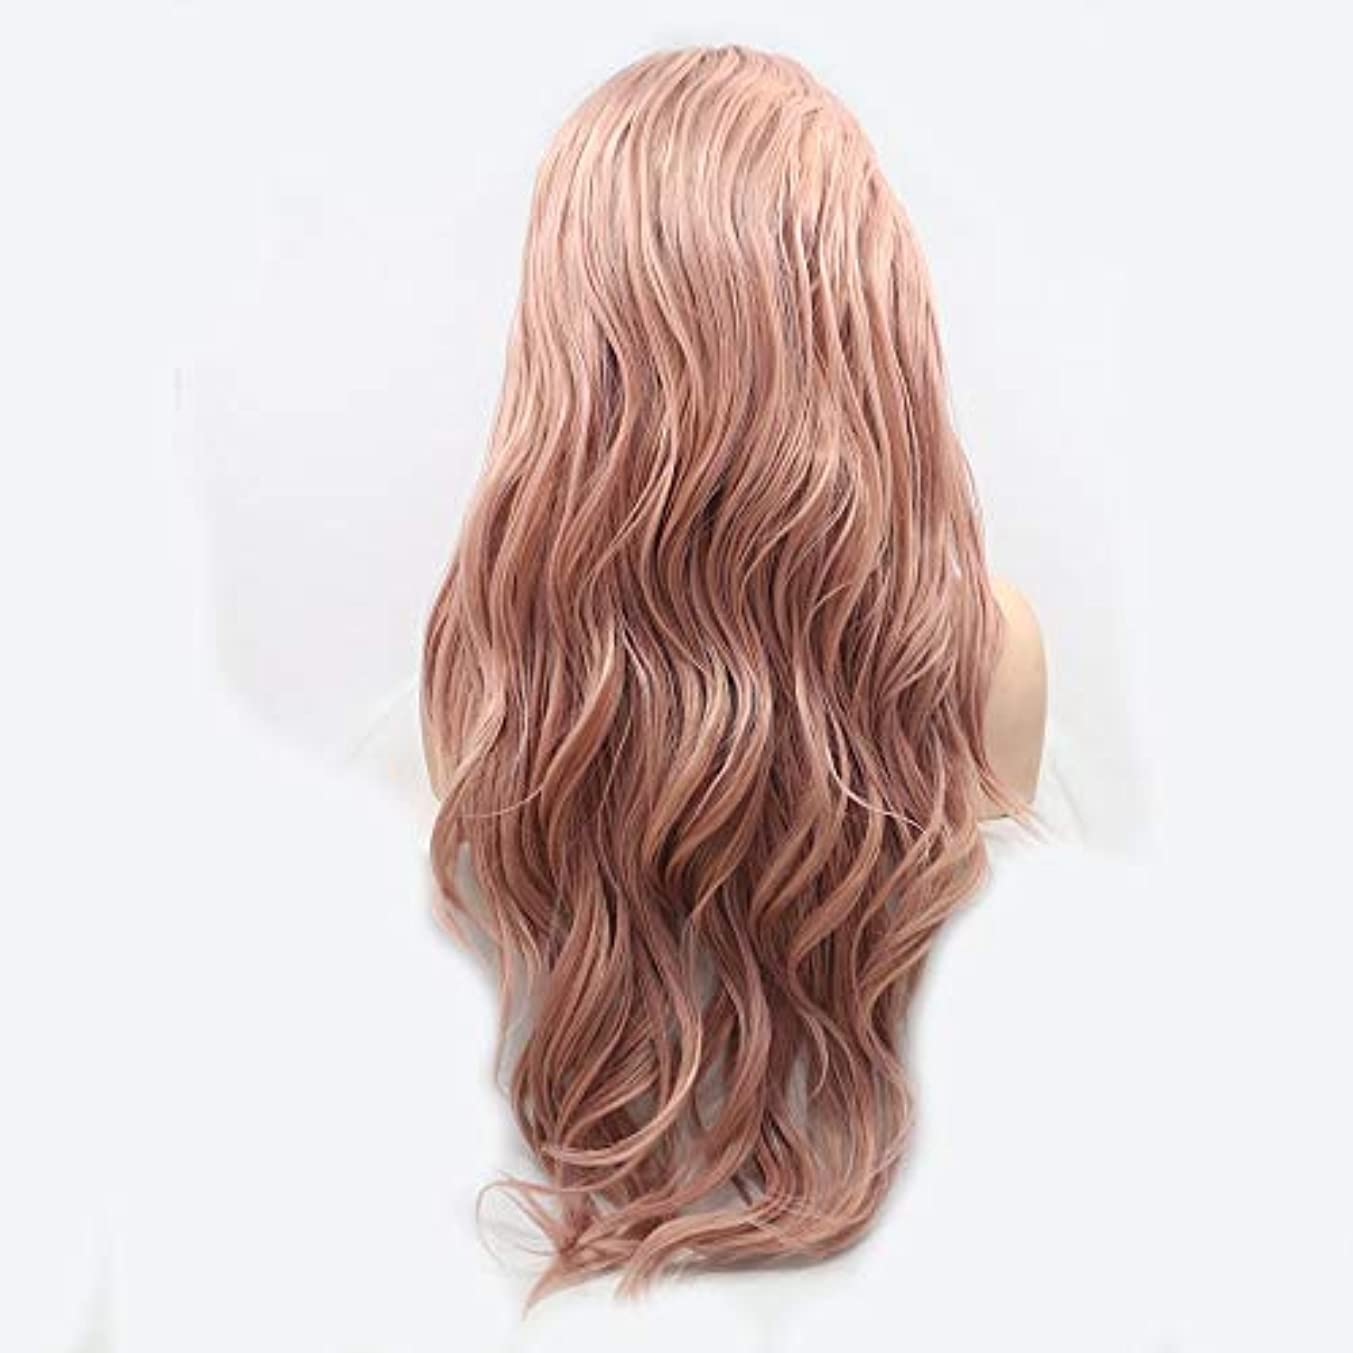 大胆改革贅沢HAILAN HOME-かつら ピンクのグラデーションイオンホットForesightful髪カーリーヘアウィッグレディース手作りのレースのヨーロッパとアメリカのウィッグセットウィッグセットナチュラルグラフィック換気